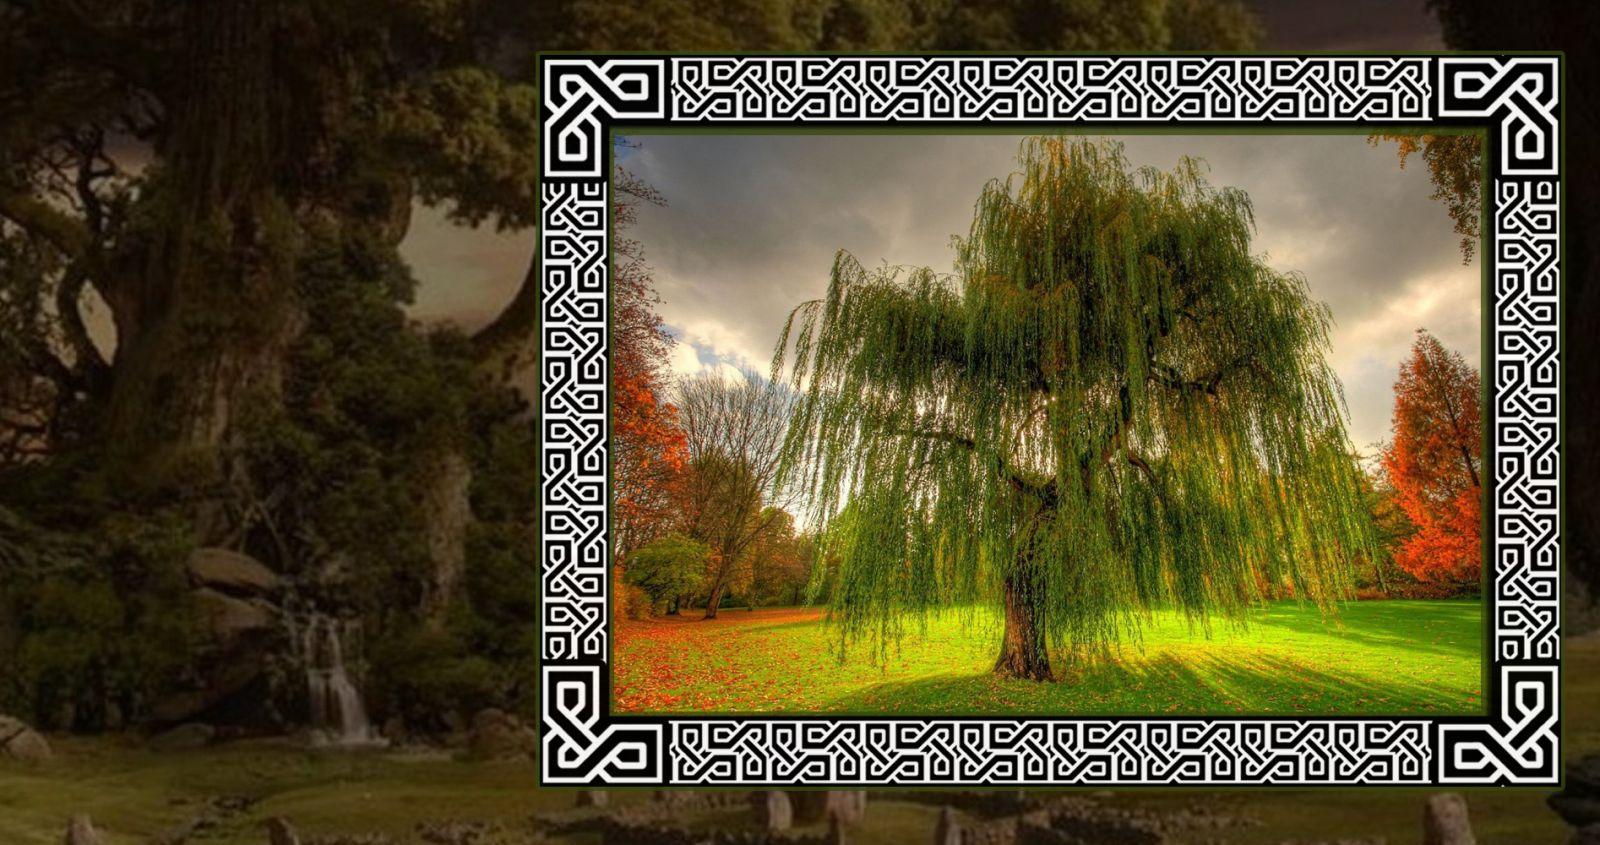 Романтичная ива в гороскопе друидов